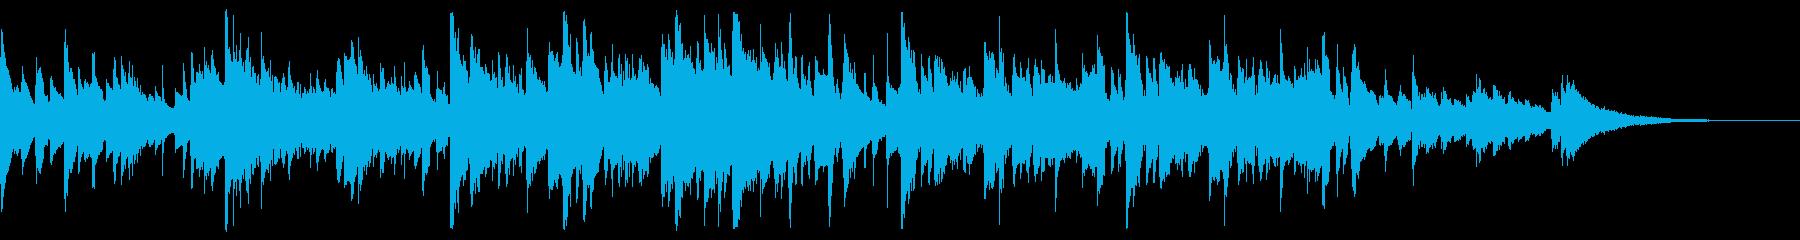 動画 センチメンタル 感情的 アコ...の再生済みの波形